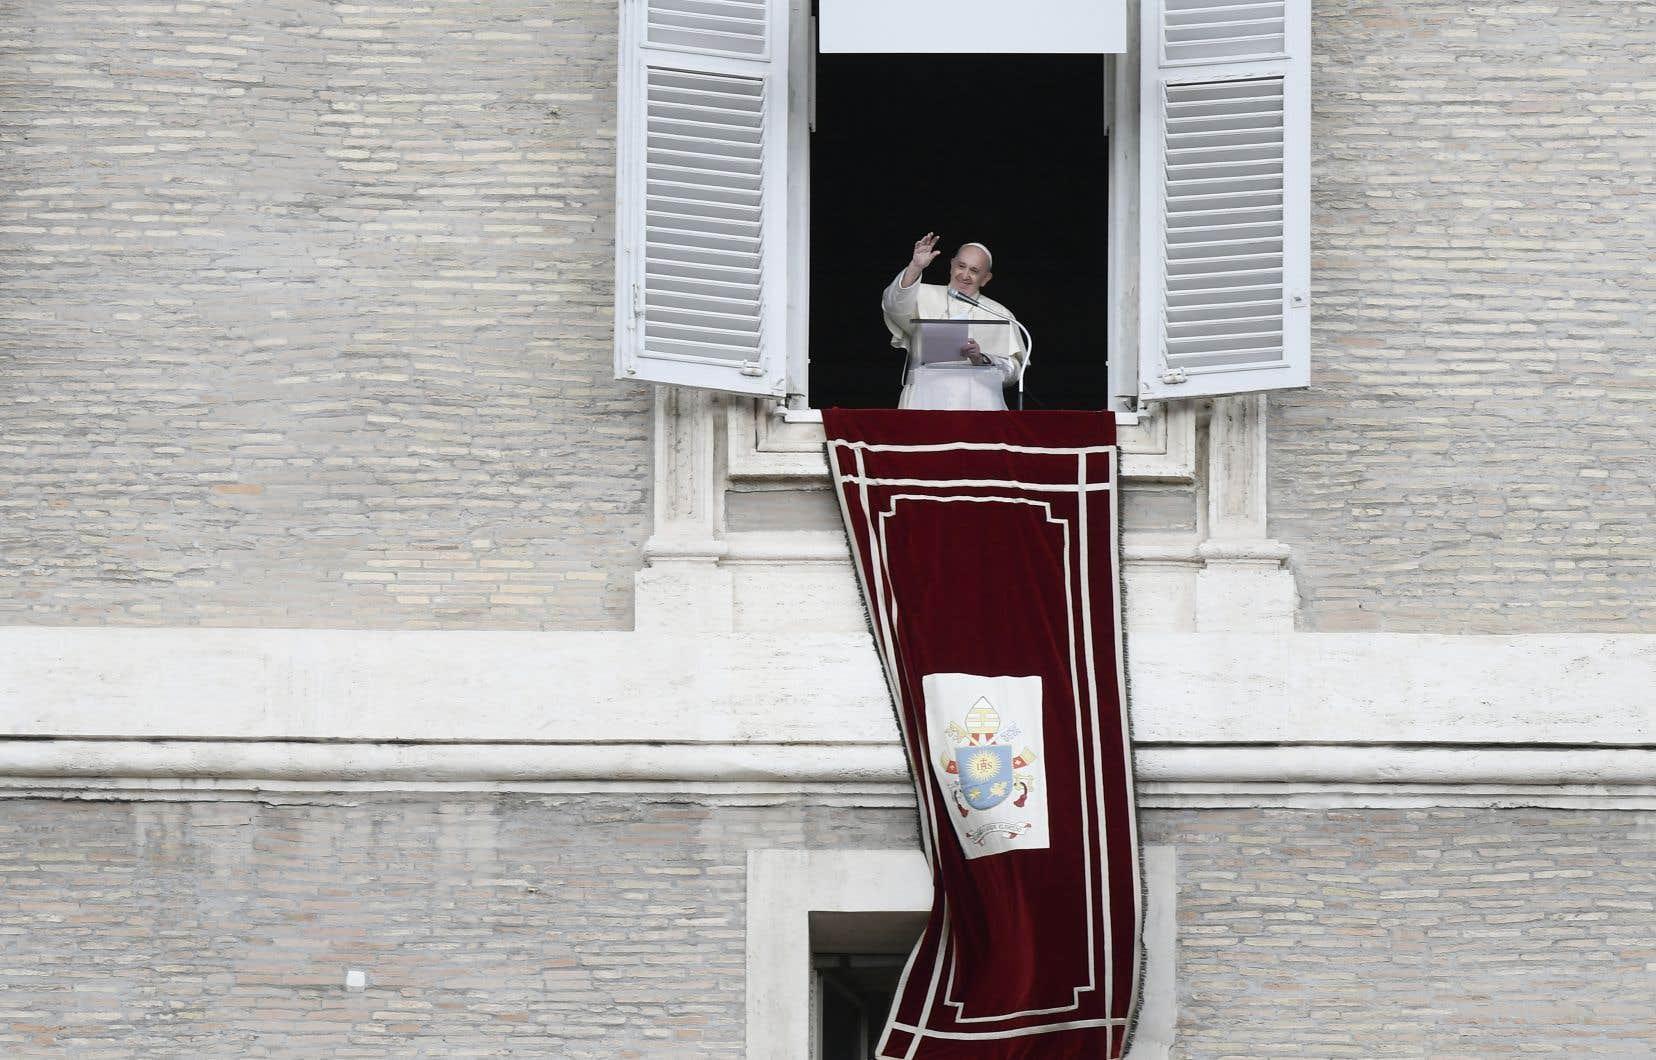 Le pape demande à la politique de se réhabiliter auprès de l'opinion publique en «visant le bien commun». Et tant pis si «investir en faveur des personnes fragiles ne peut pas être rentable».